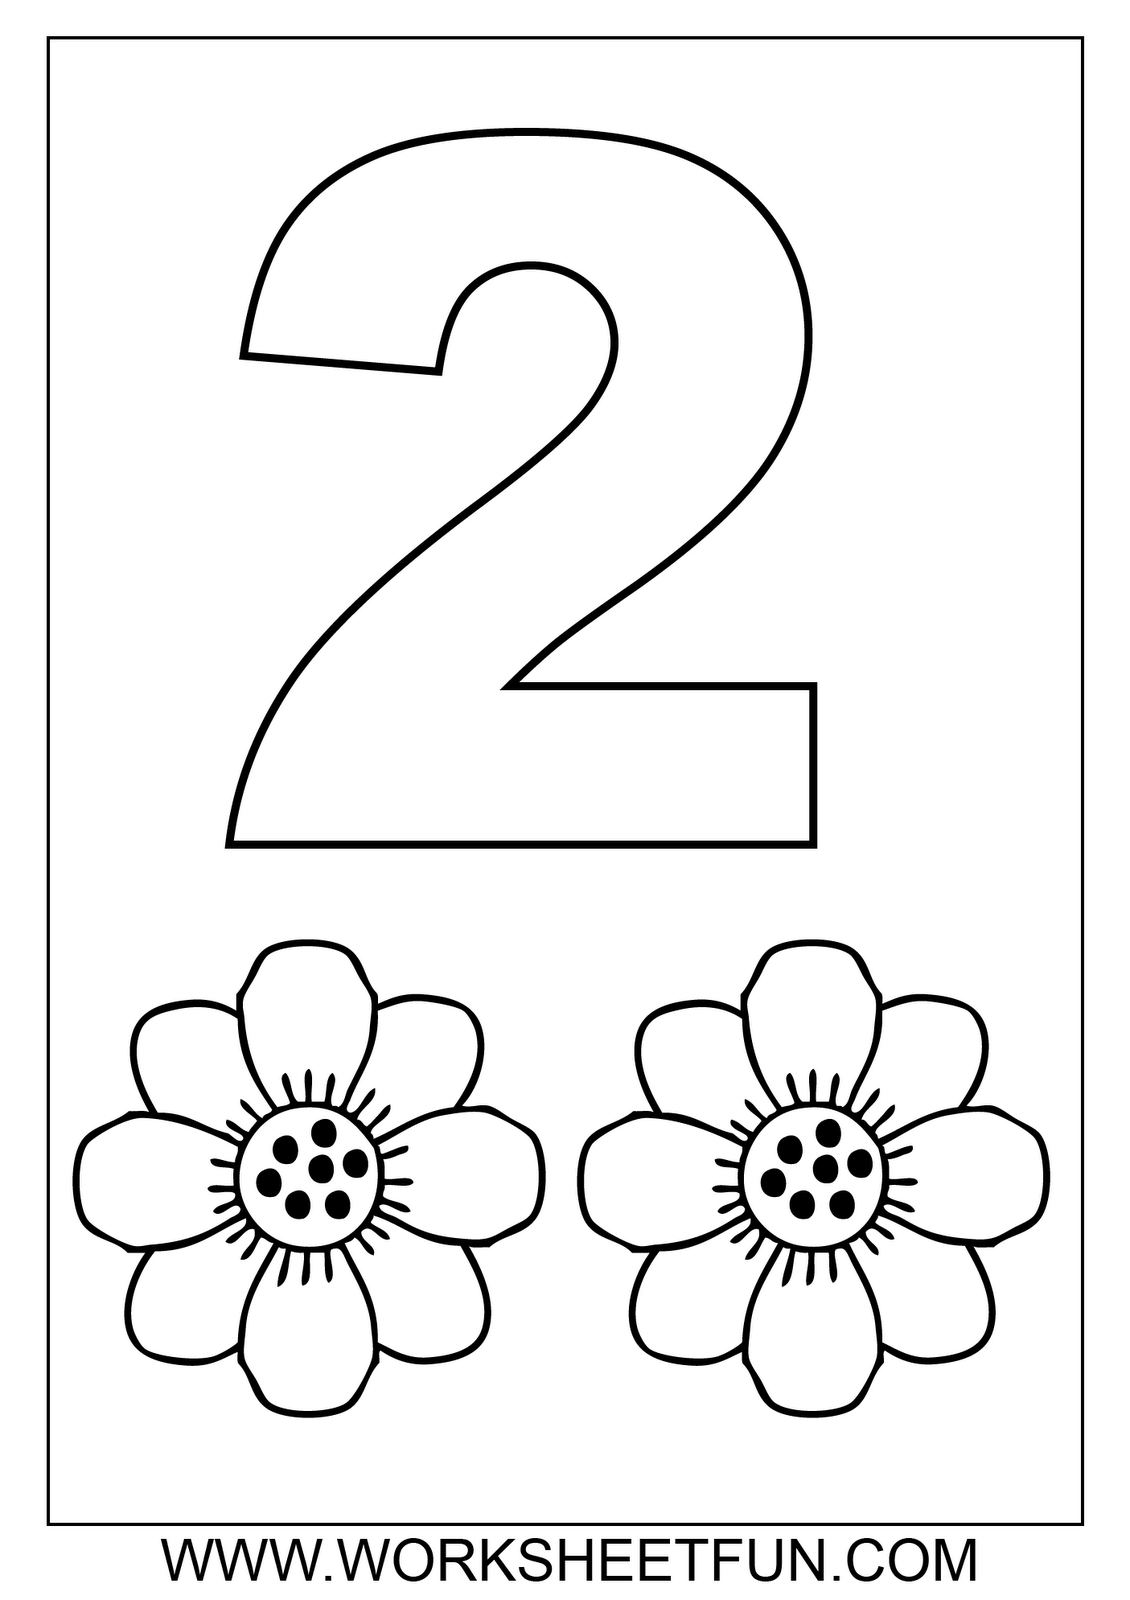 Crafts,actvities And Worksheets For Preschool,toddler And Kindergarten | Number One Worksheet Preschool Printable Activities